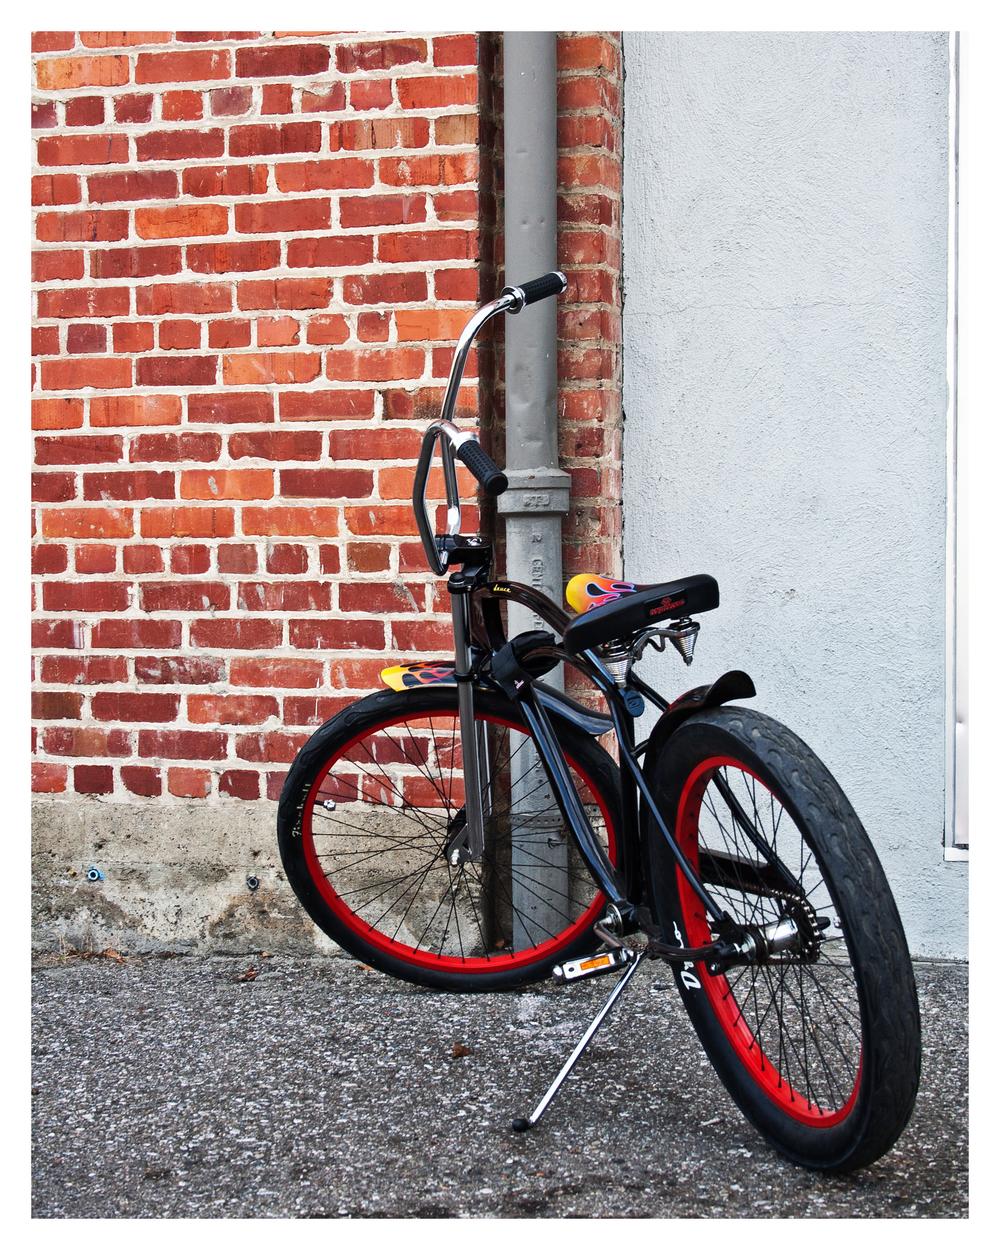 flamesbikesj_8x10.jpg